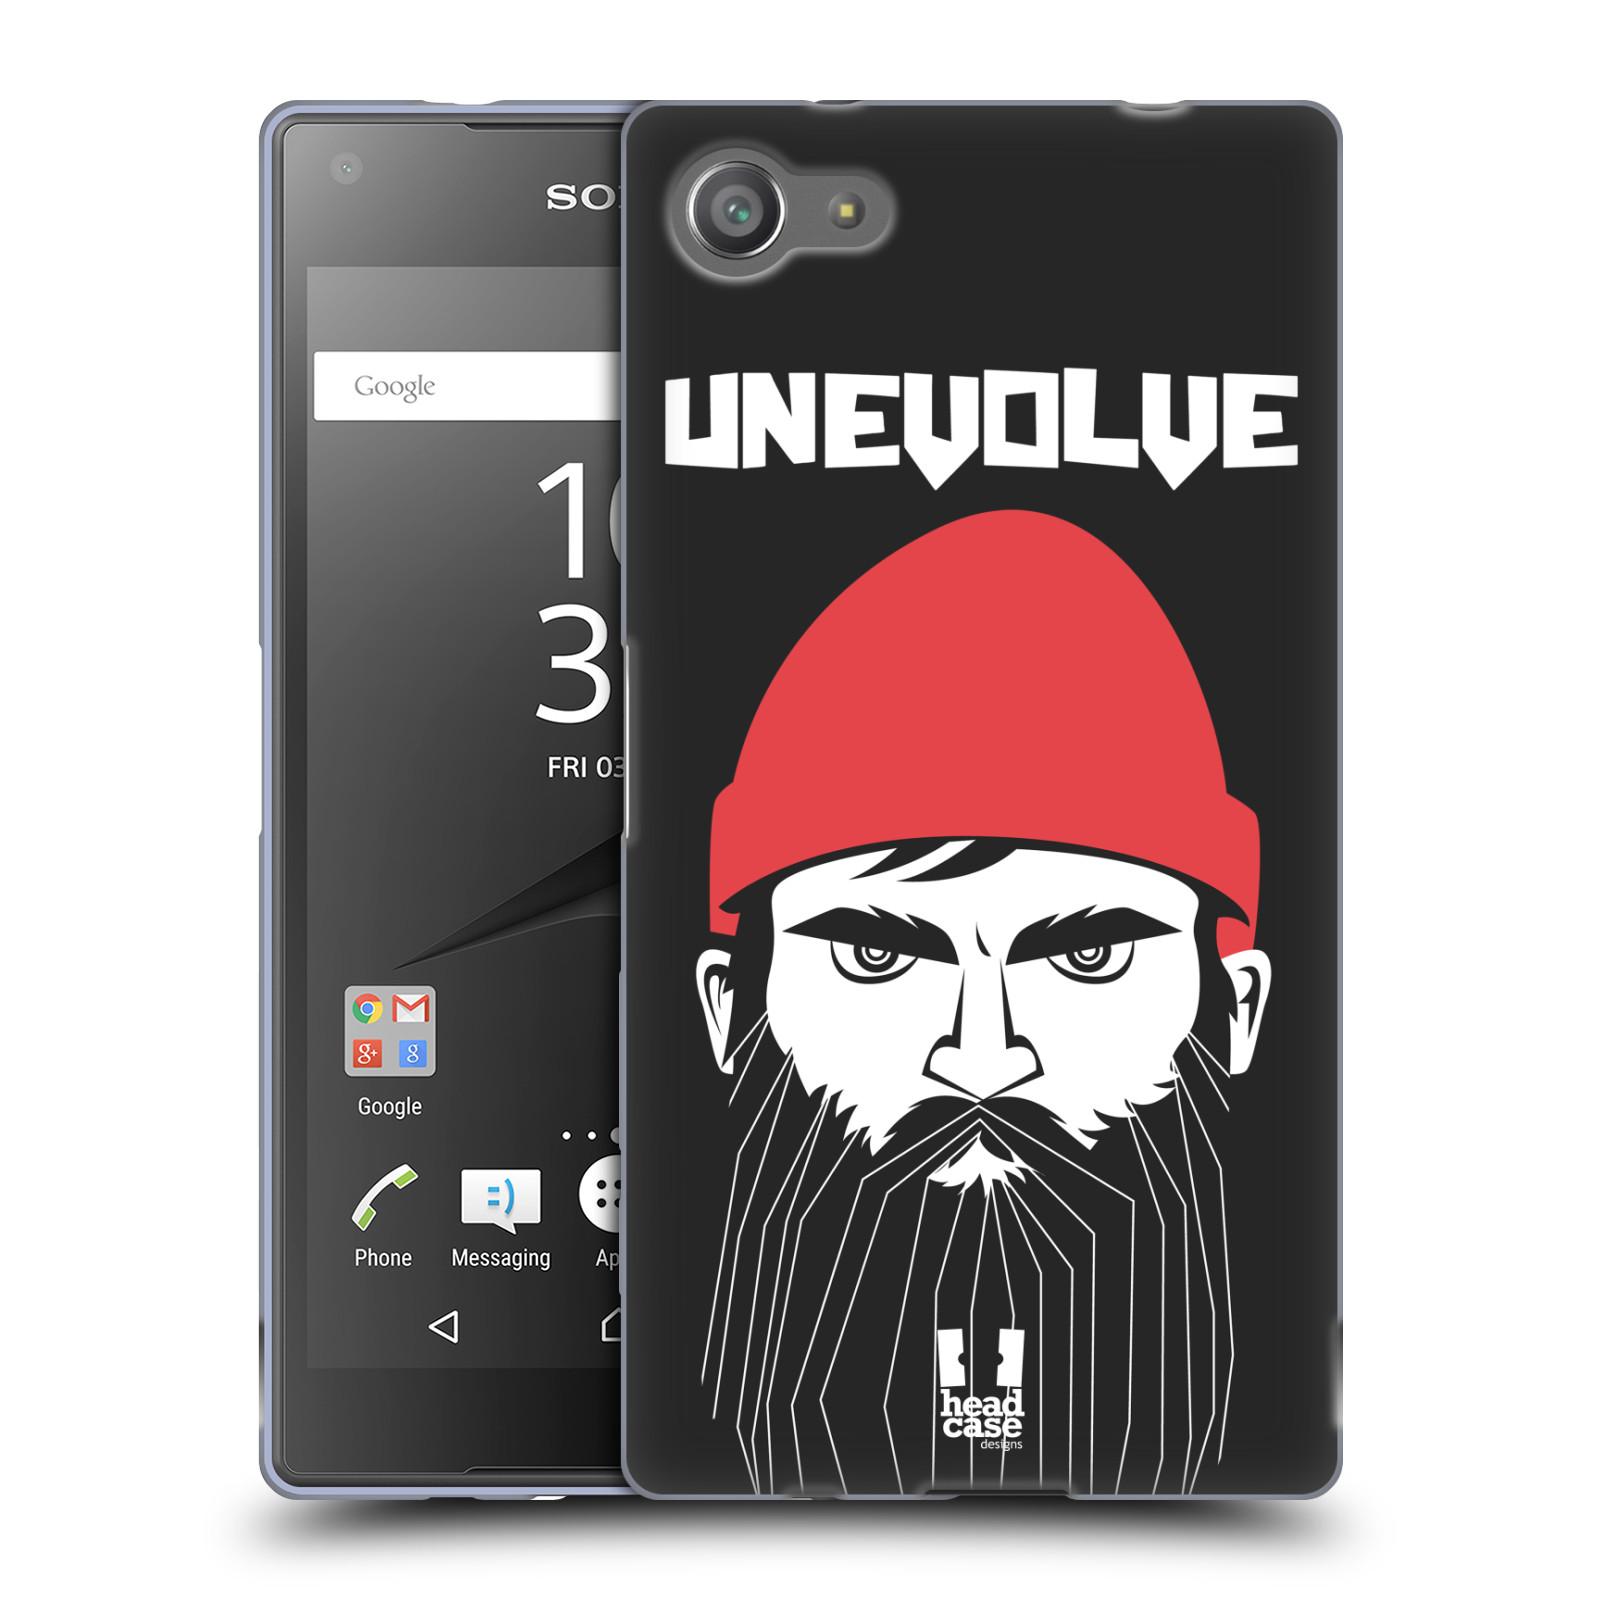 Silikonové pouzdro na mobil Sony Xperia Z5 Compact HEAD CASE KNÍRAČ UNEVOLVE